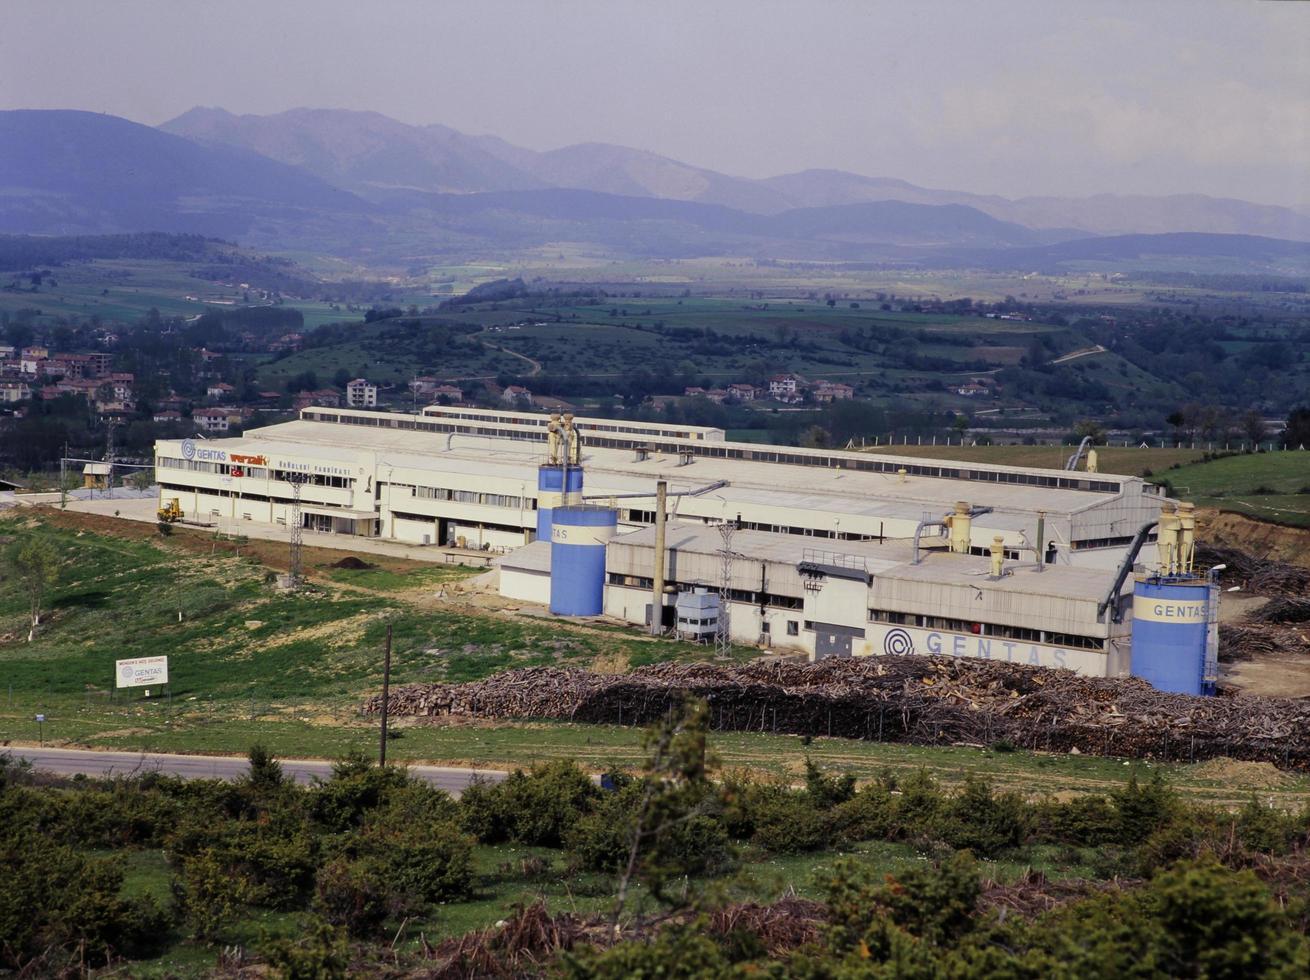 Turchia, 2021 - veduta aerea di una fabbrica di legno foto